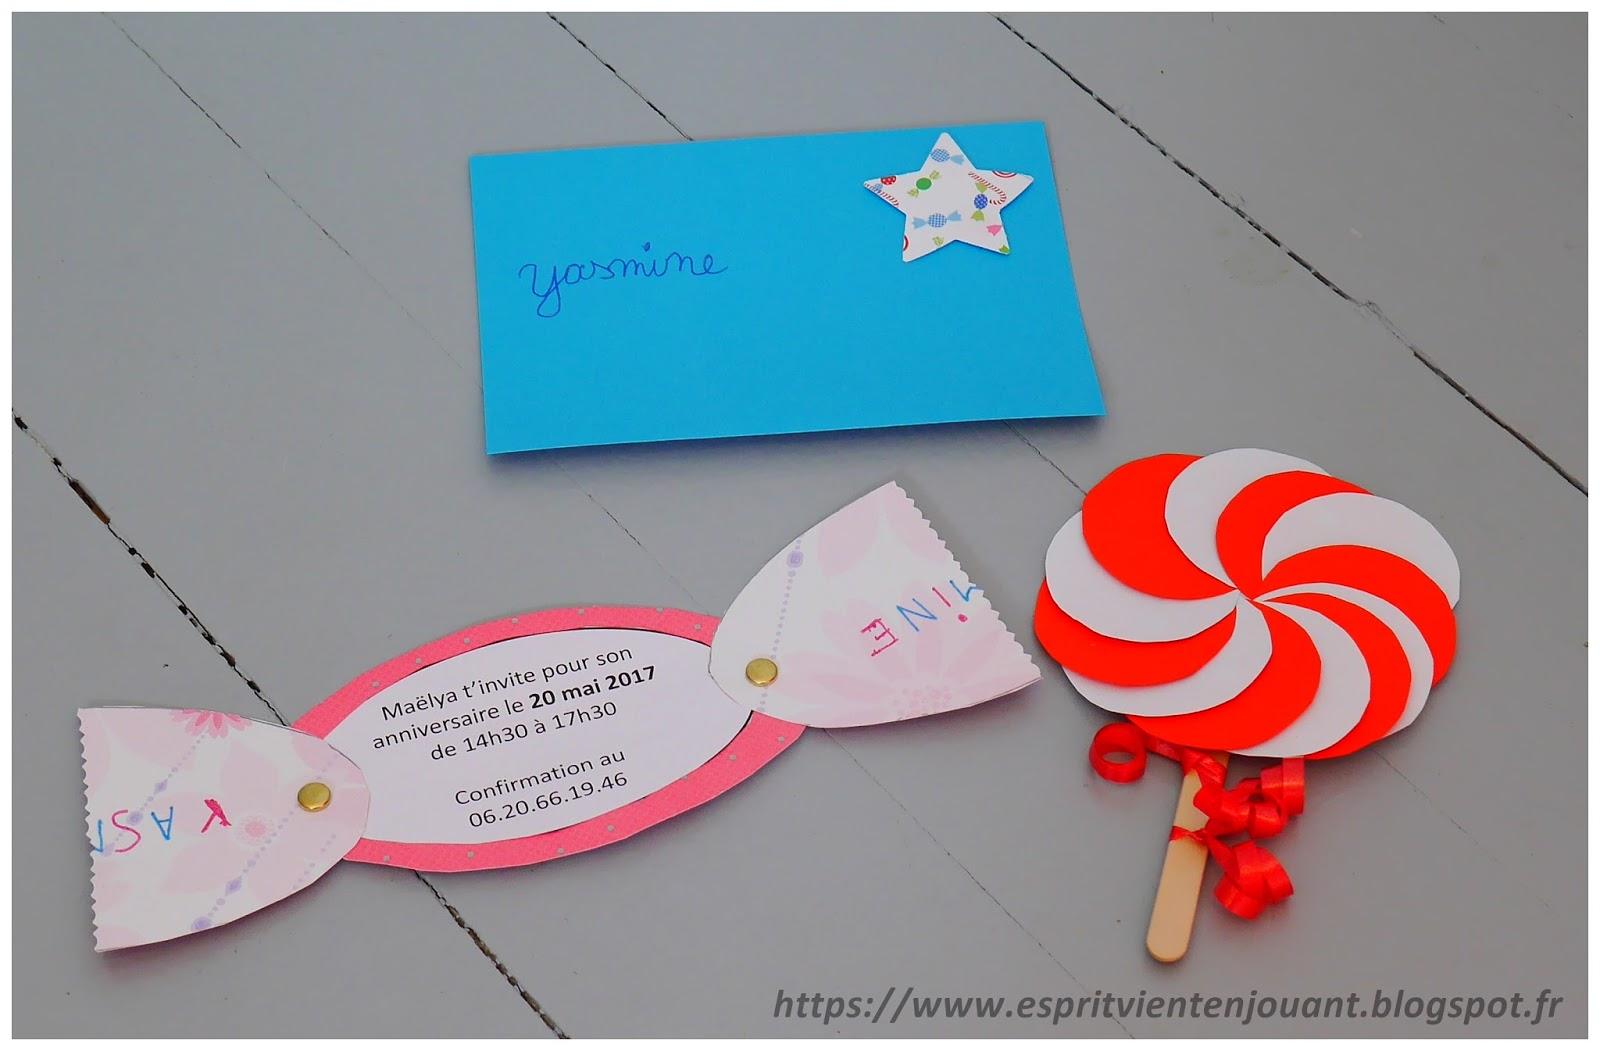 Extrêmement L'esprit vient en jouant: [Anniversaire] Deux cartes d'invitation  SN89